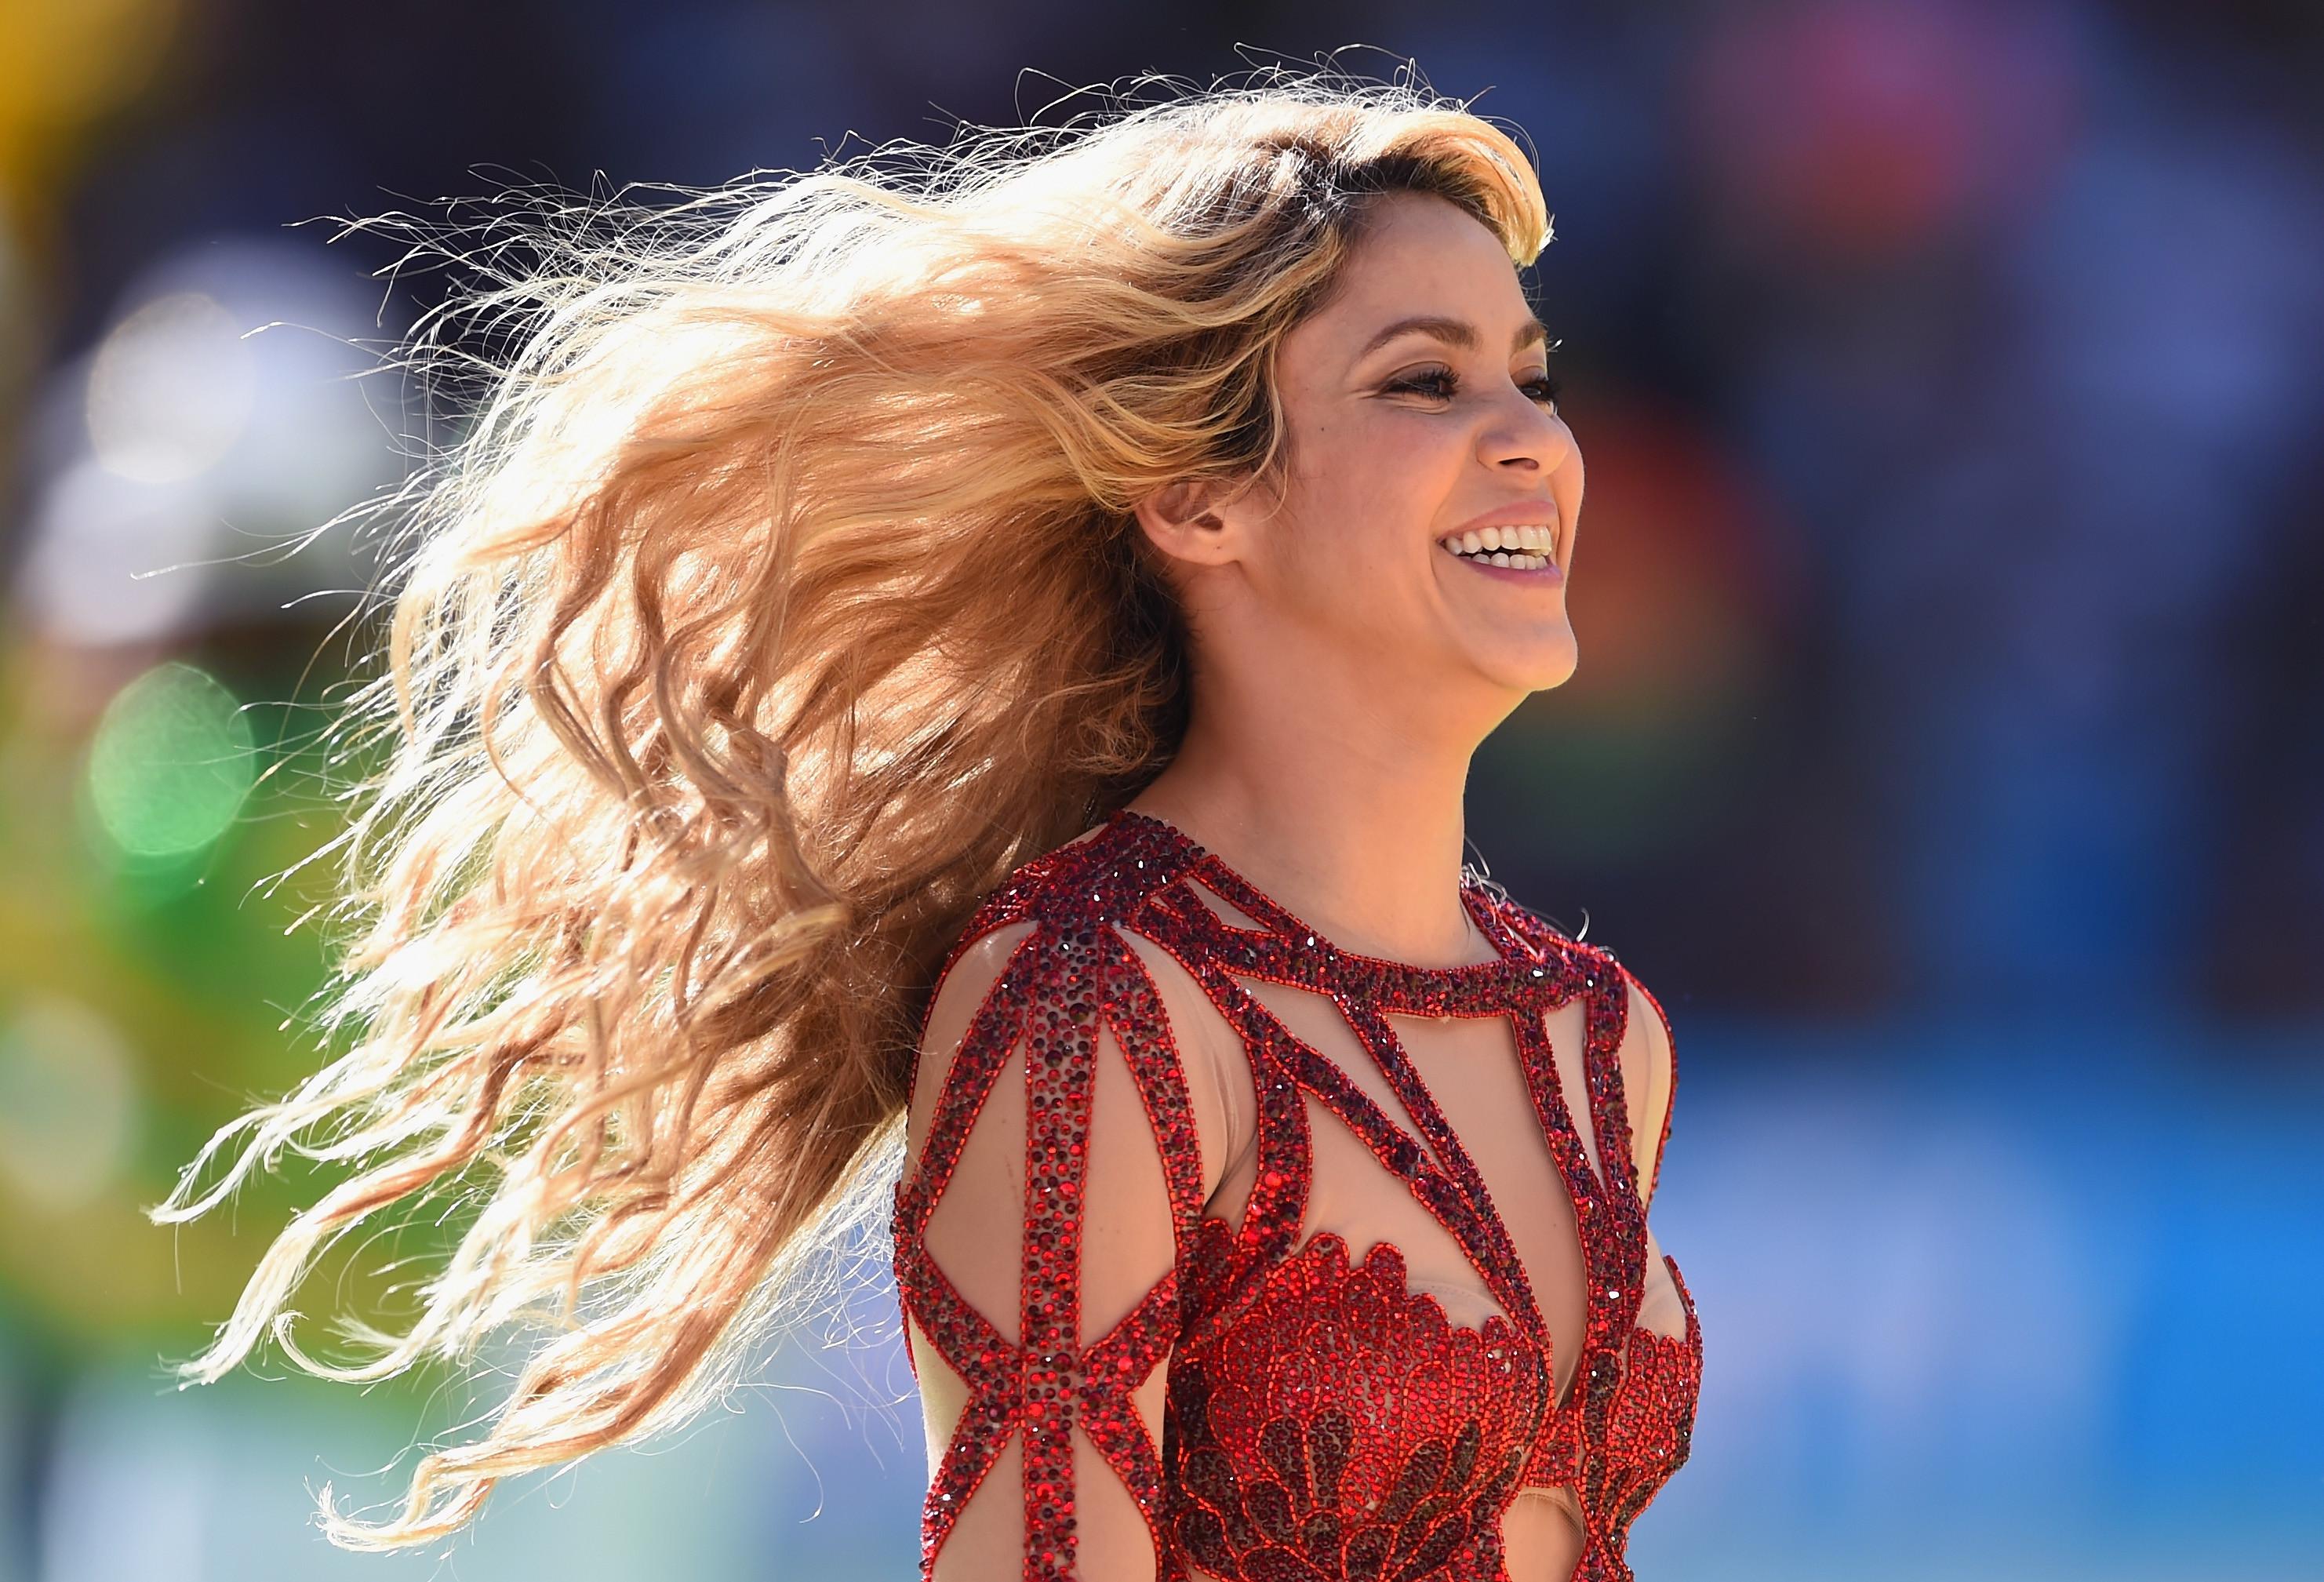 Filho de Shakira cresceu a 'olhos vistos'. Palavra da cantora